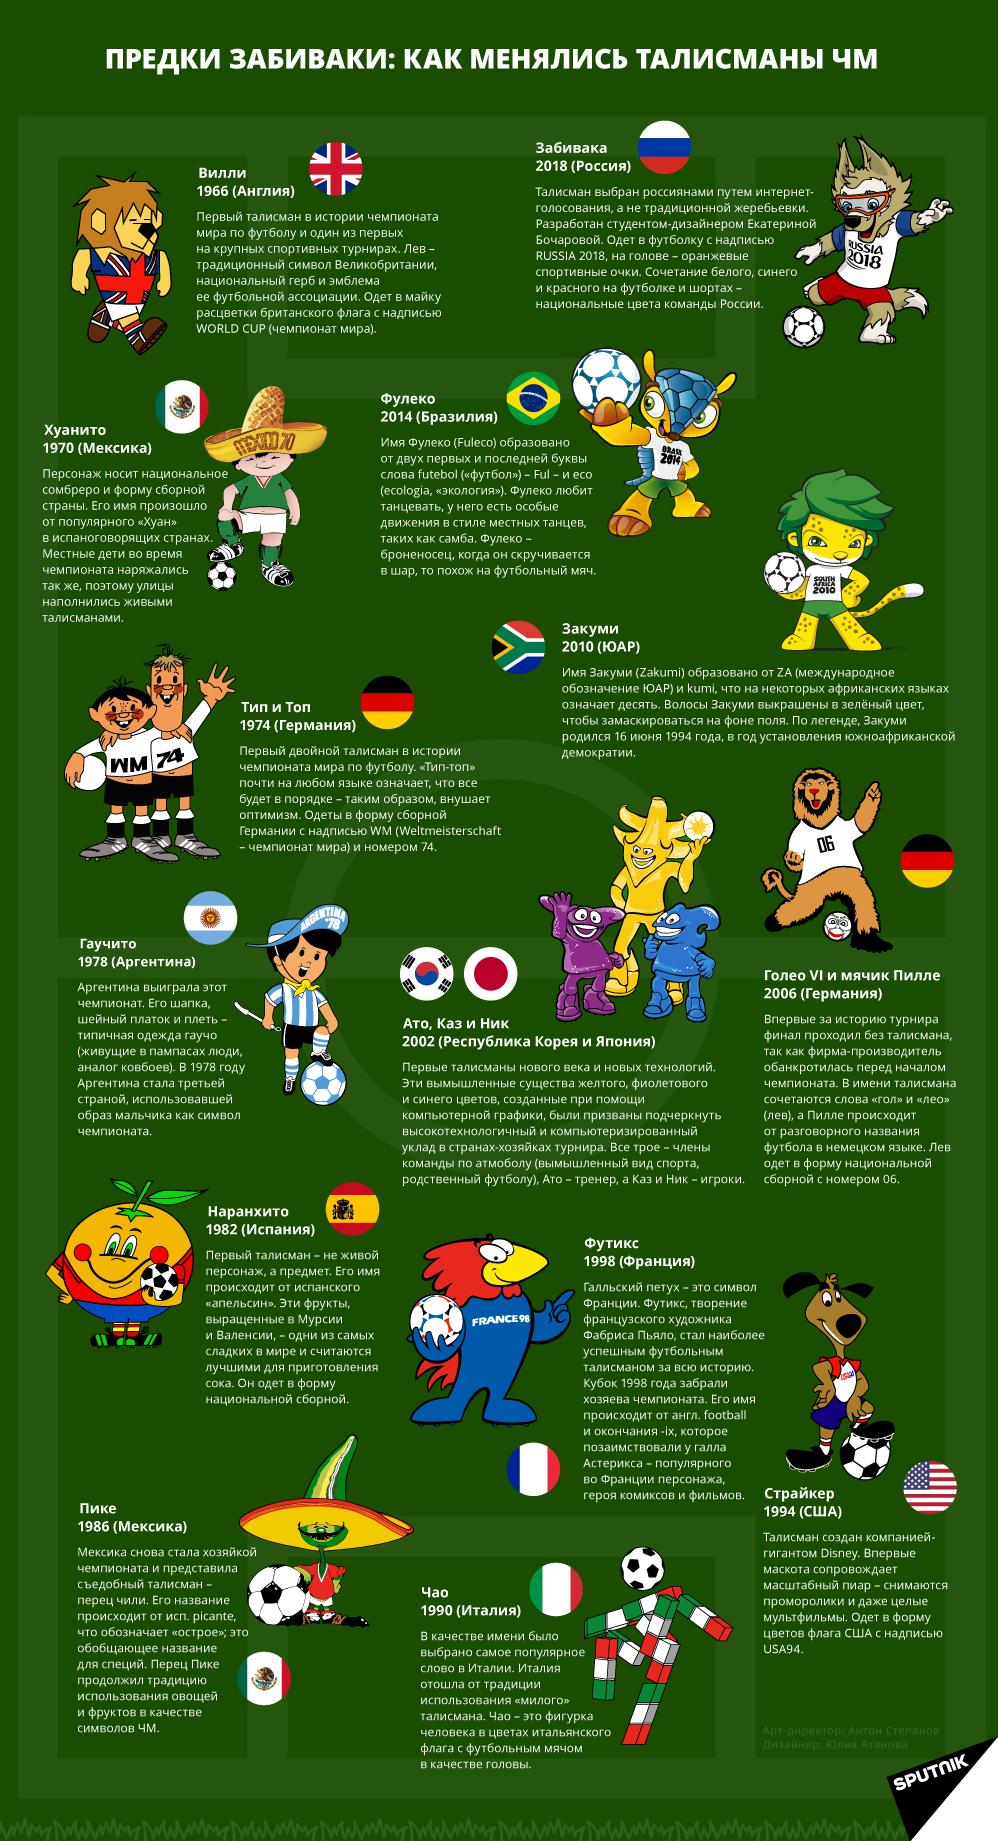 Чемпионаты мира по футболу по годам